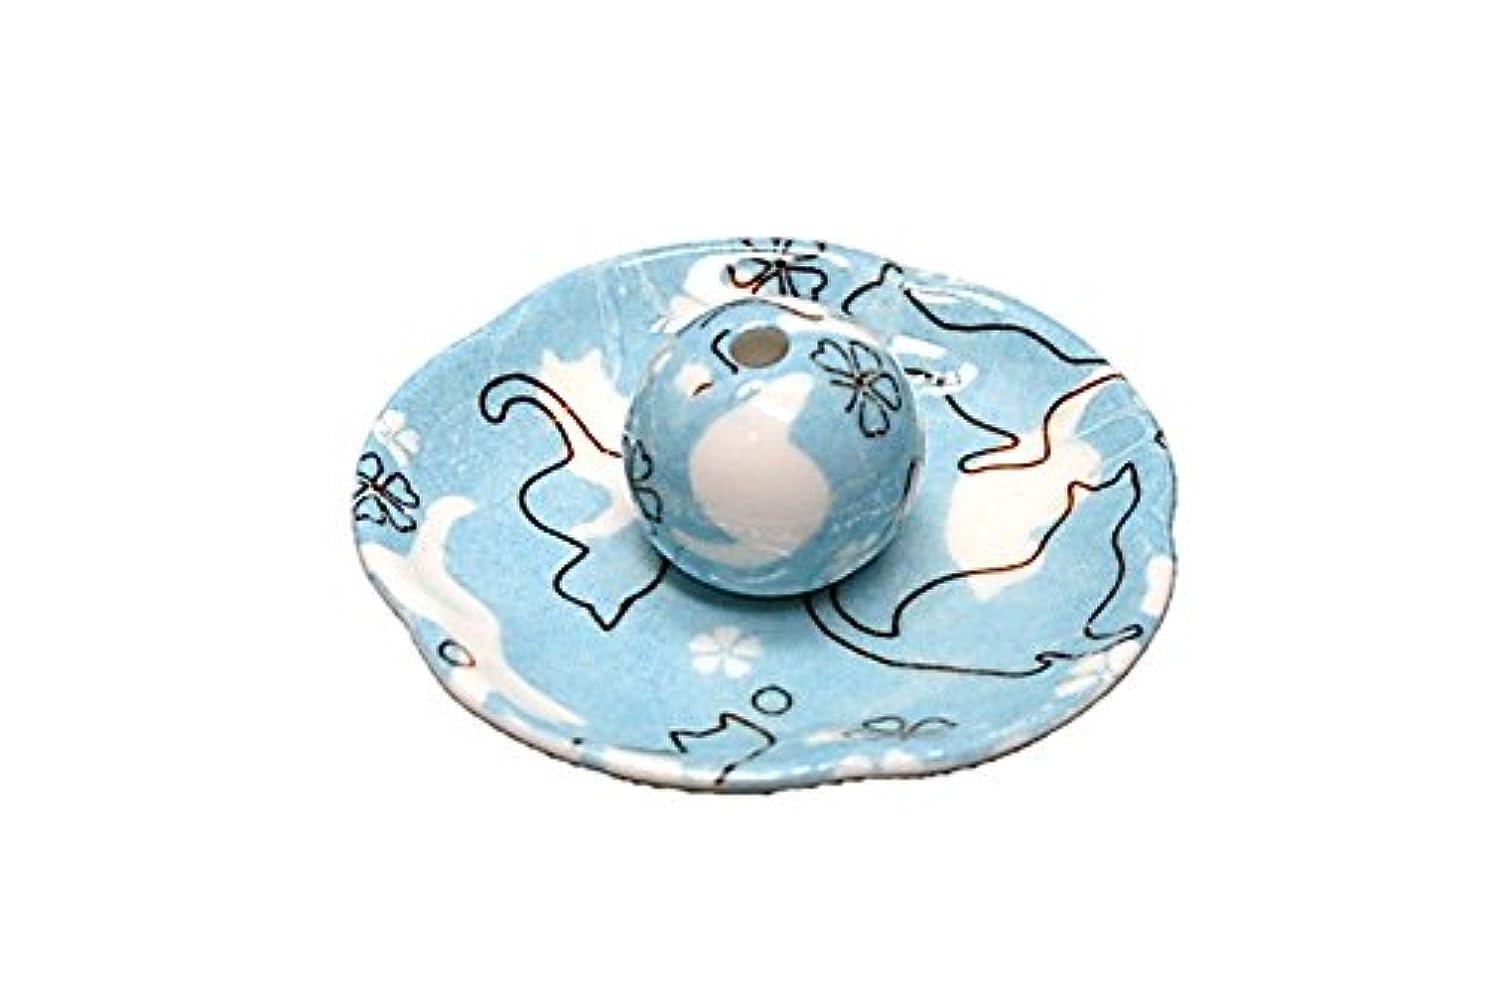 フットボール形状添付ねこランド ブルー 花形香皿 お香立て ネコ 猫 ACSWEBSHOPオリジナル